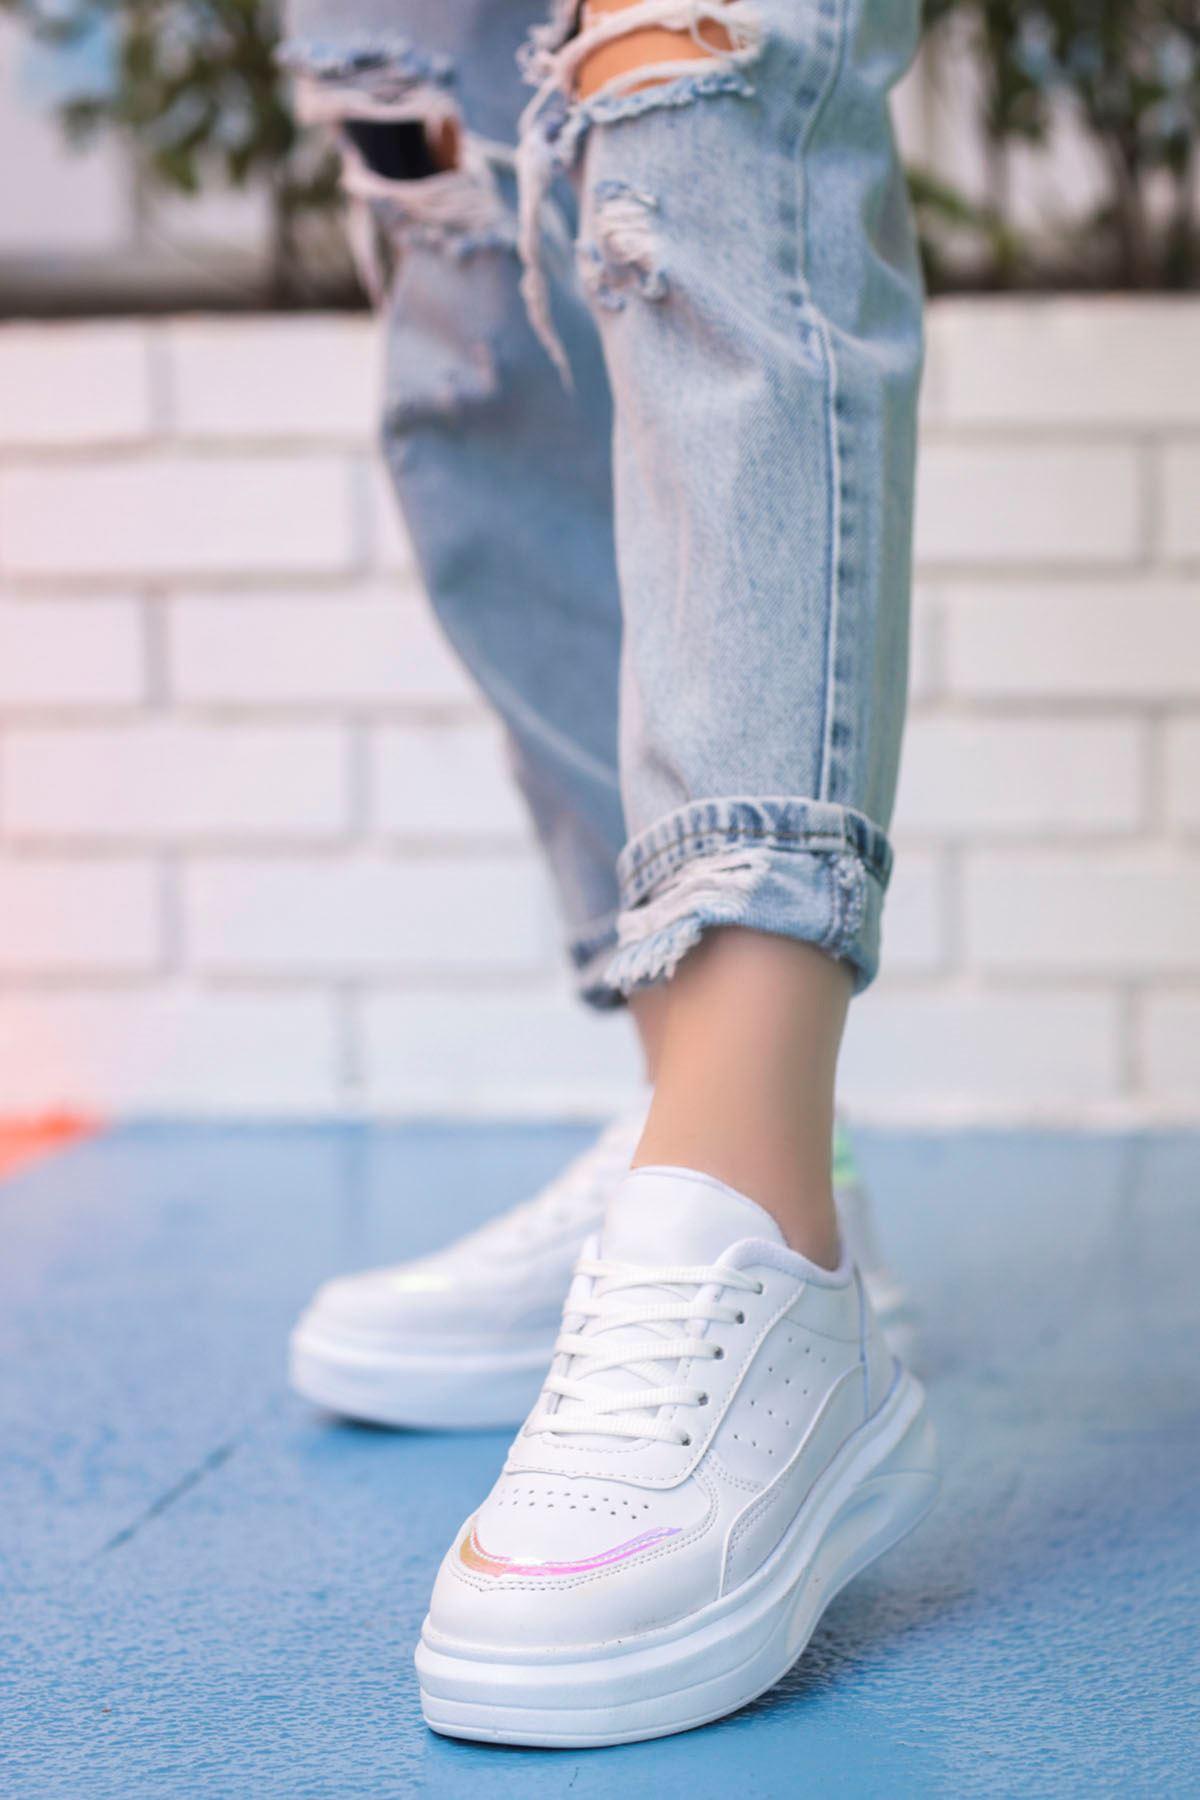 Beatrix Tabanlı Spor Ayakkabı Beyaz Hologram Detay